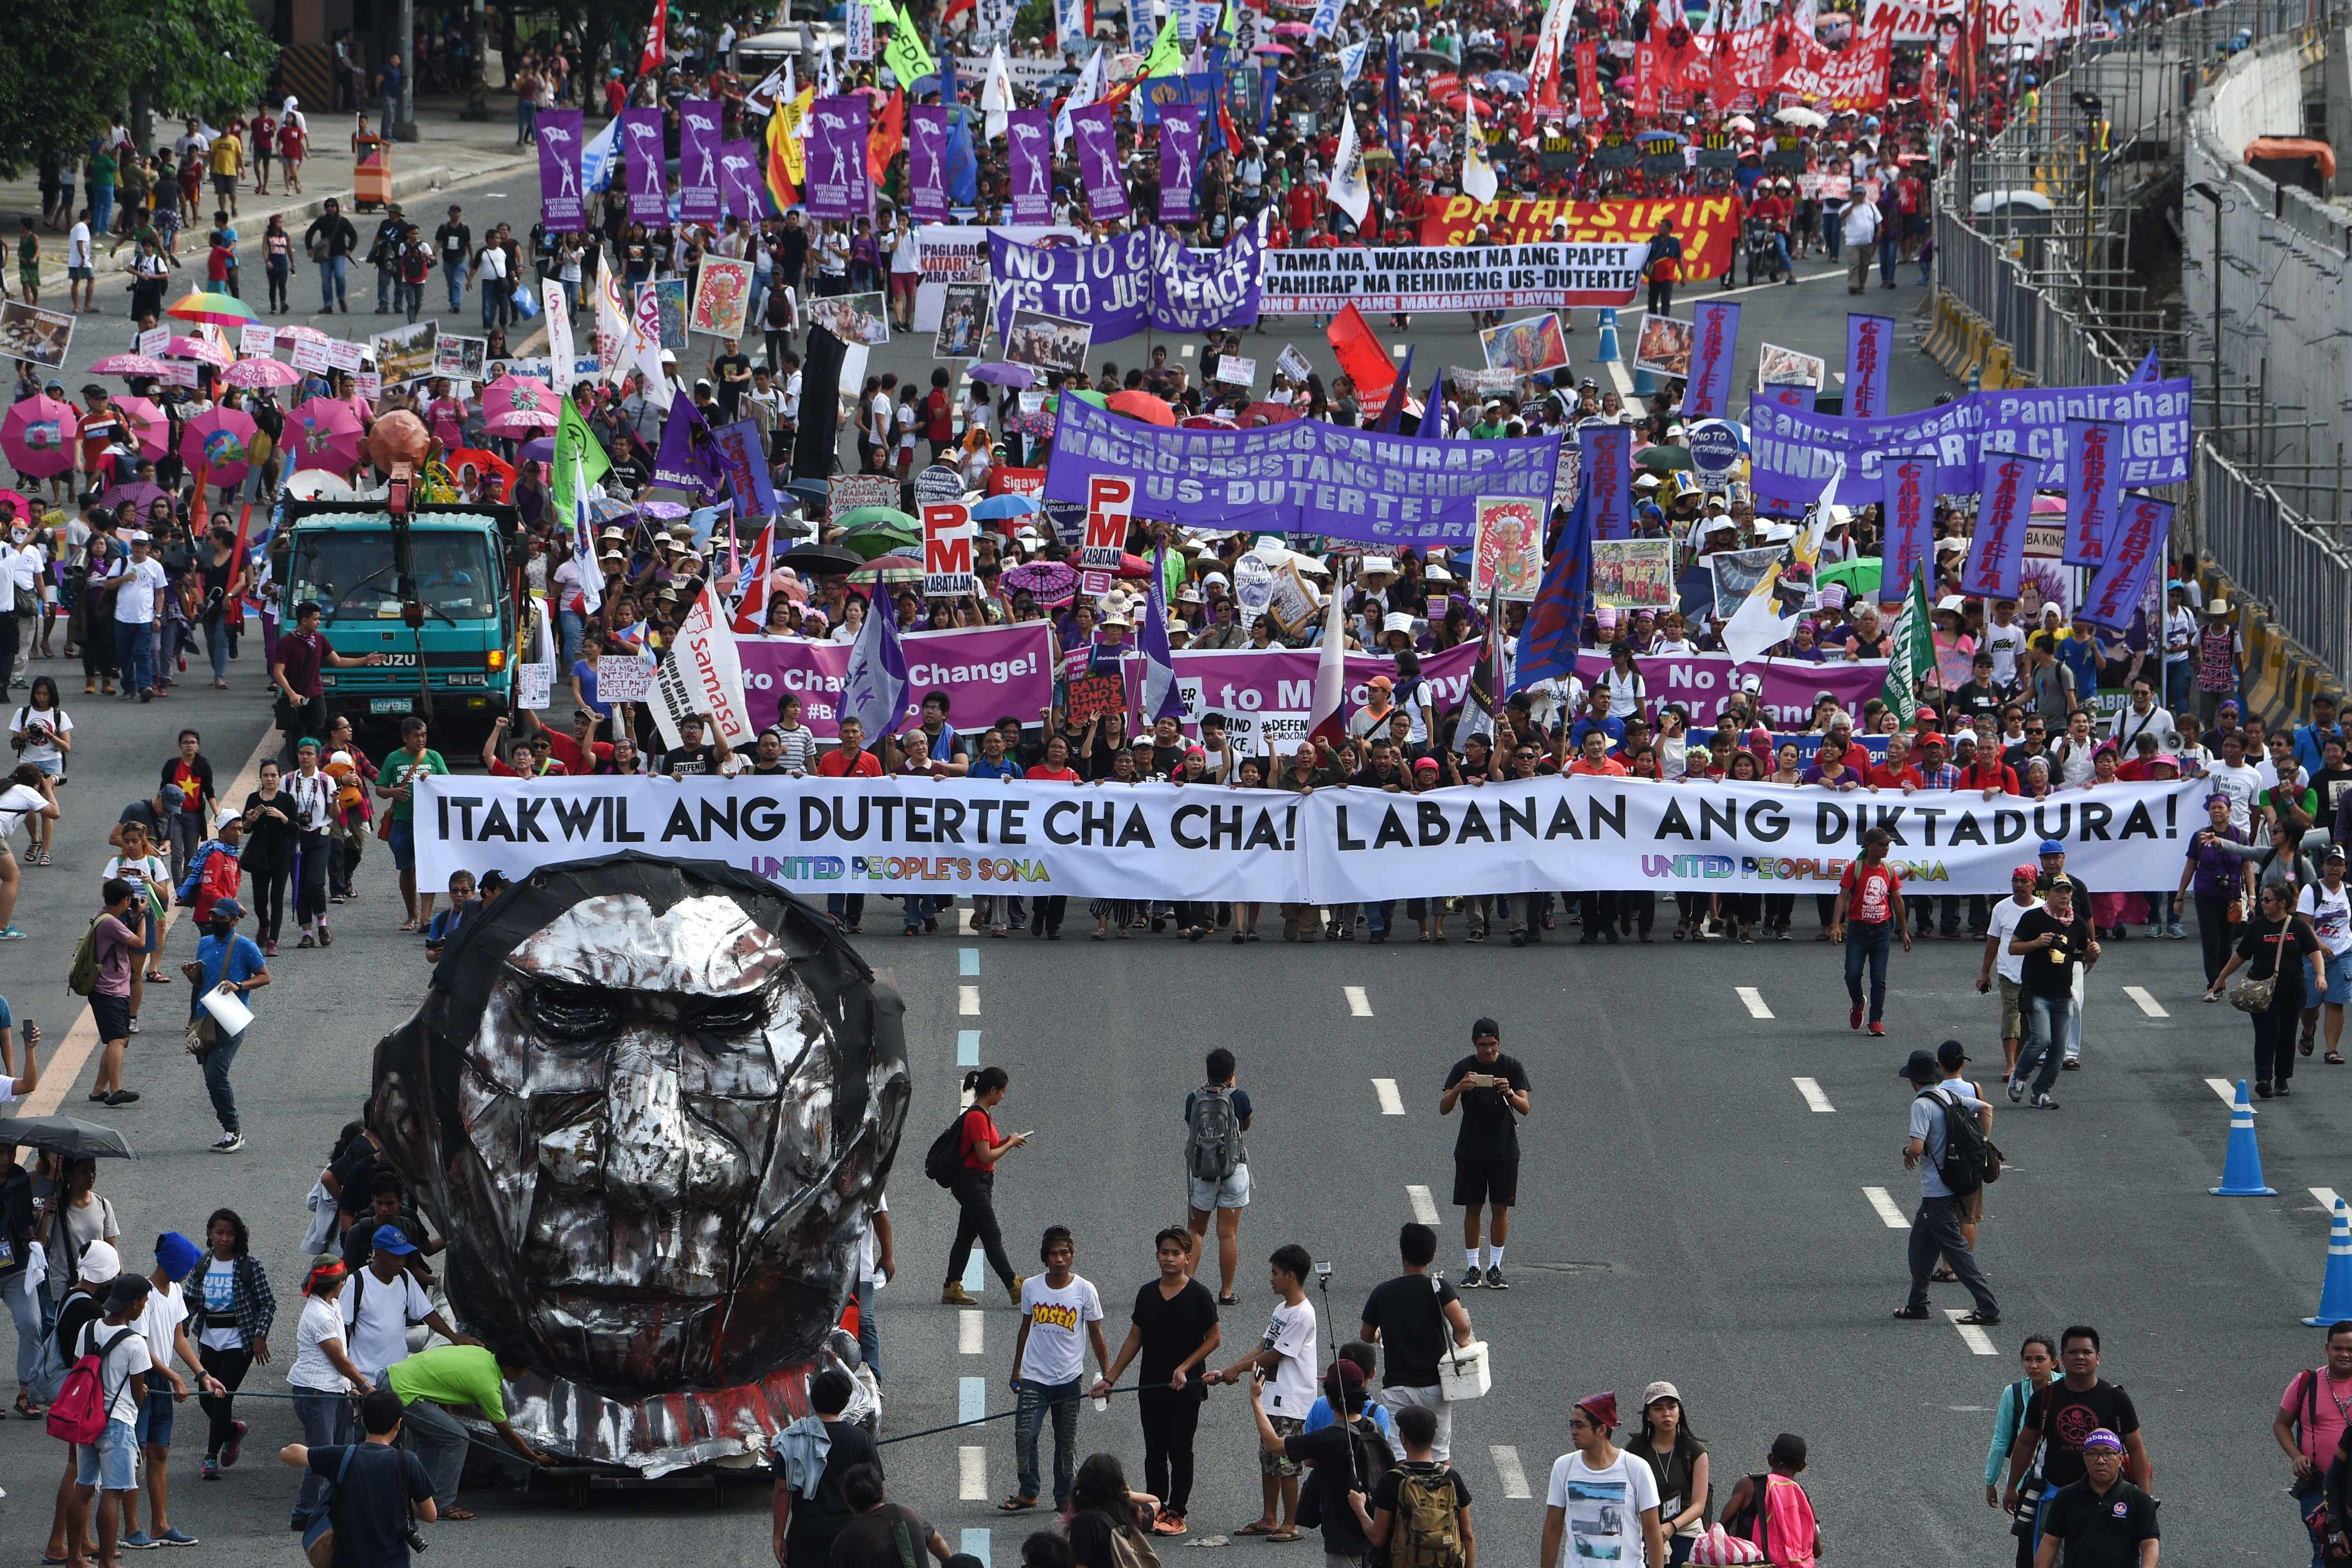 احتجاجات فى الفلبين